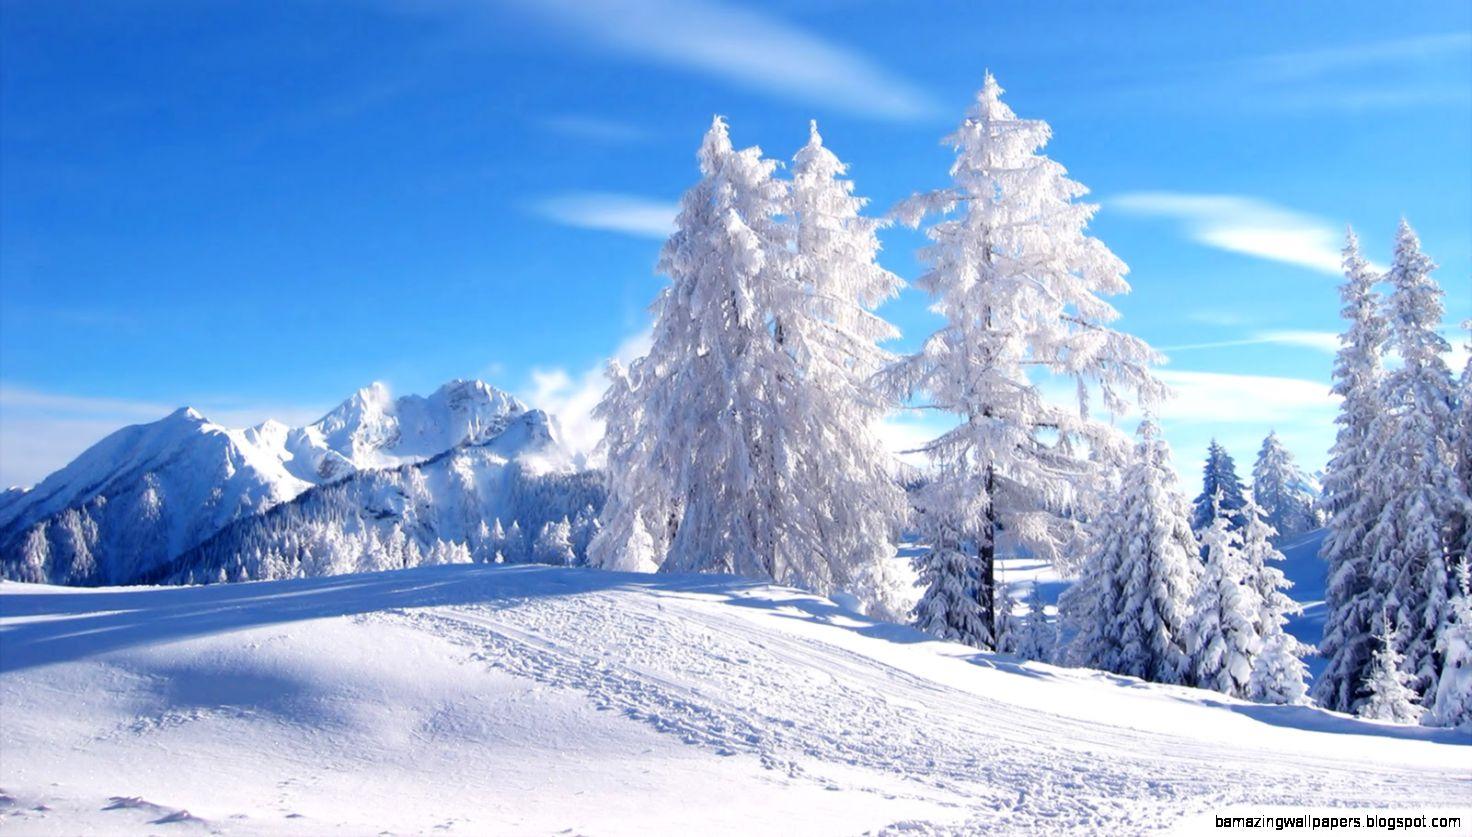 Winter Scene Wallpaper   WallpaperSafari